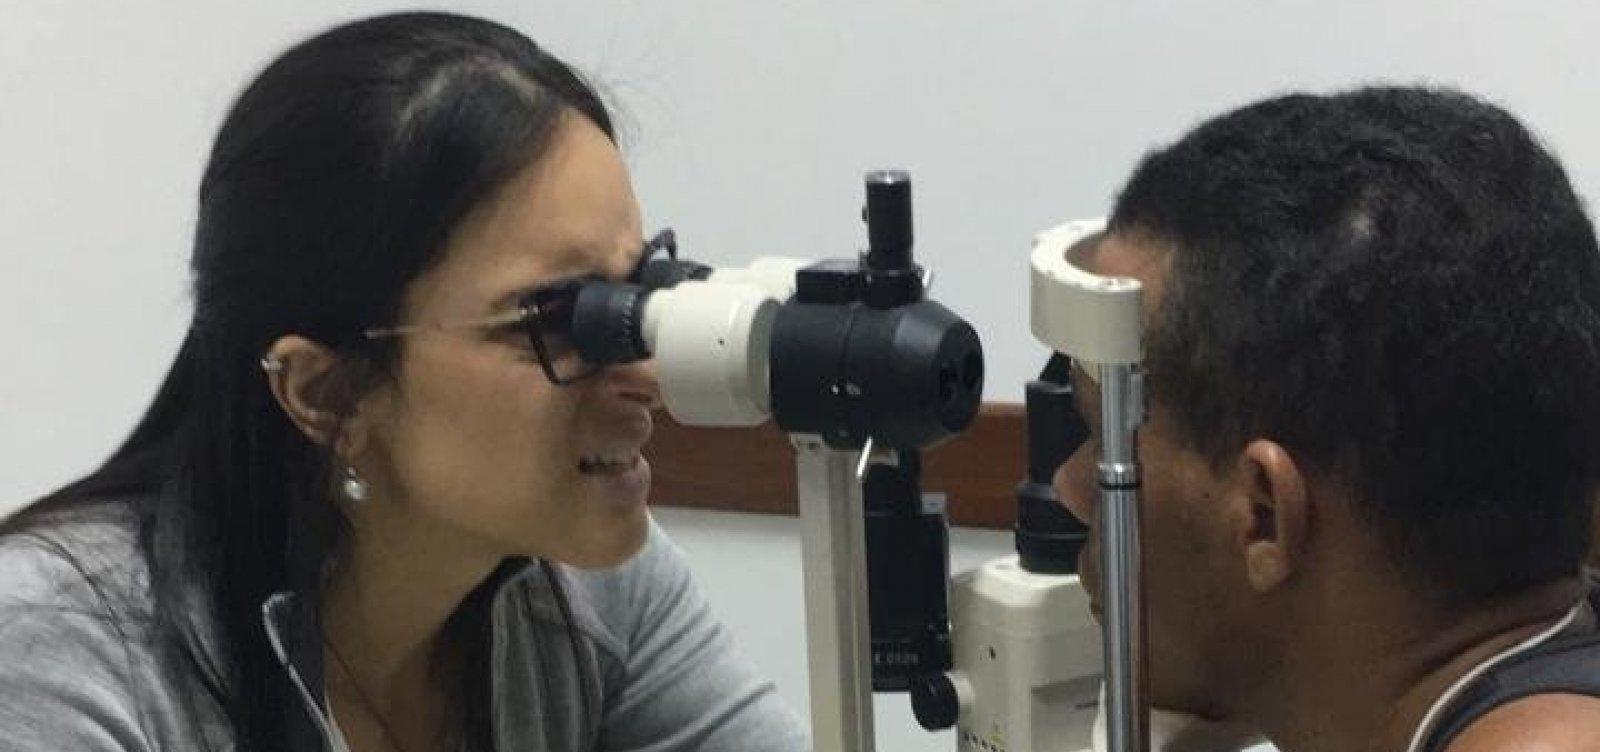 Salvador sedia mutirão gratuito de prevenção a glaucoma e catarata no domingo